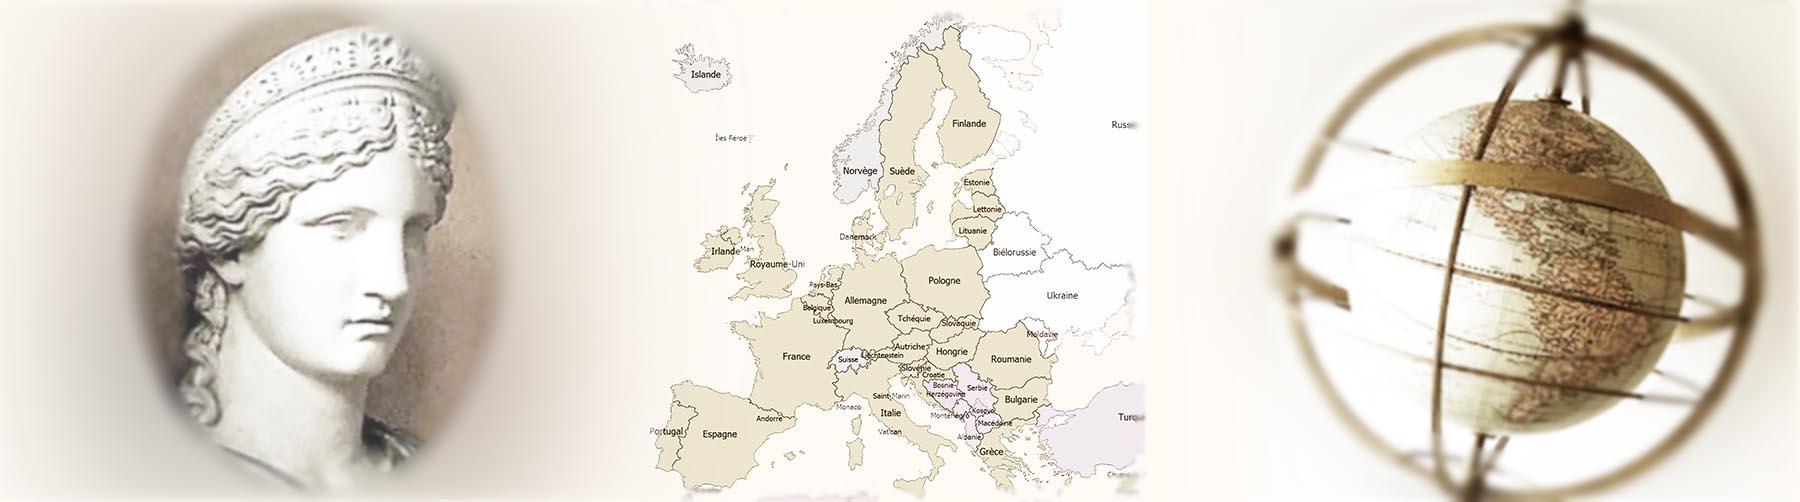 ヨーロッパの歴史と国・時代と文化 アンティークジュエリー